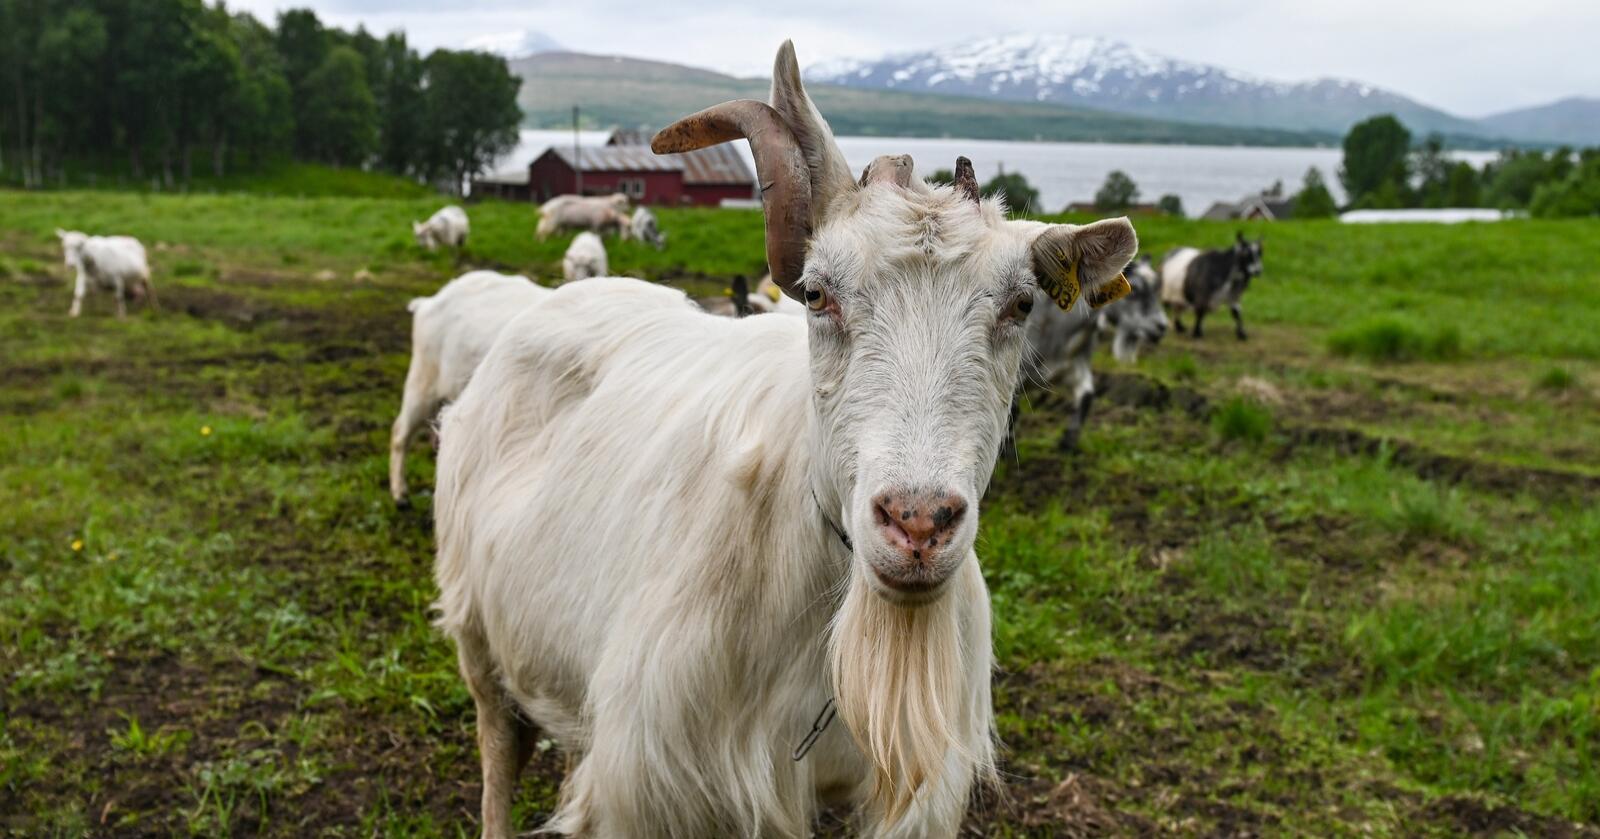 Dyrehelse: Over 30 geitehold, de aller fleste i Trøndelag, har i år fått påvist saueskabbmidd. En eventuell overføring til og spredning i sauepopulasjonen, er vurdert som alvorlig og kostbar. Geitene på bildet sliter ikke med saueskabbmidd. (Illustrasjonsfoto: Marie Hatlevoll)